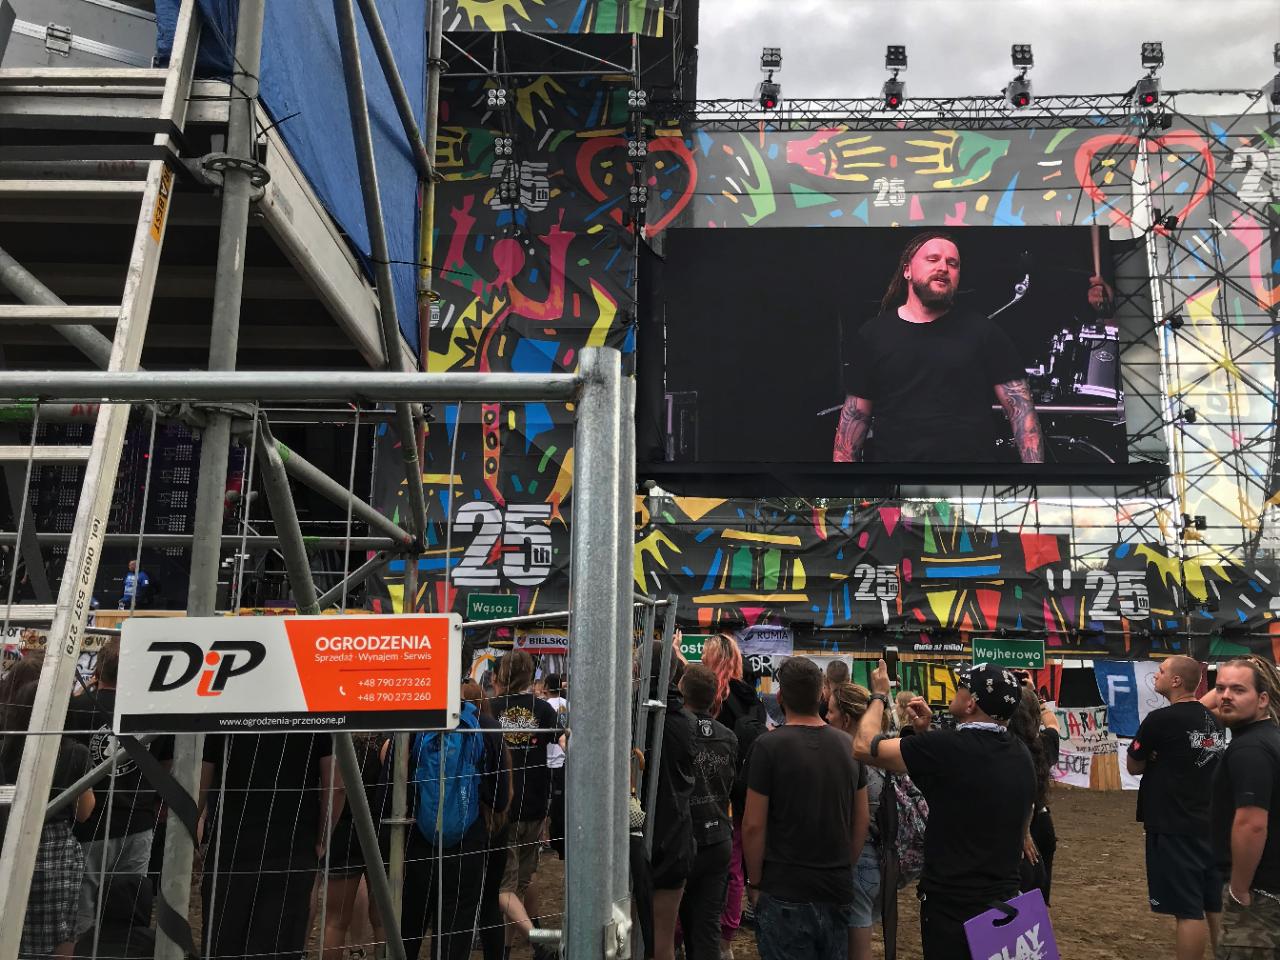 Woodstock DiP Polska